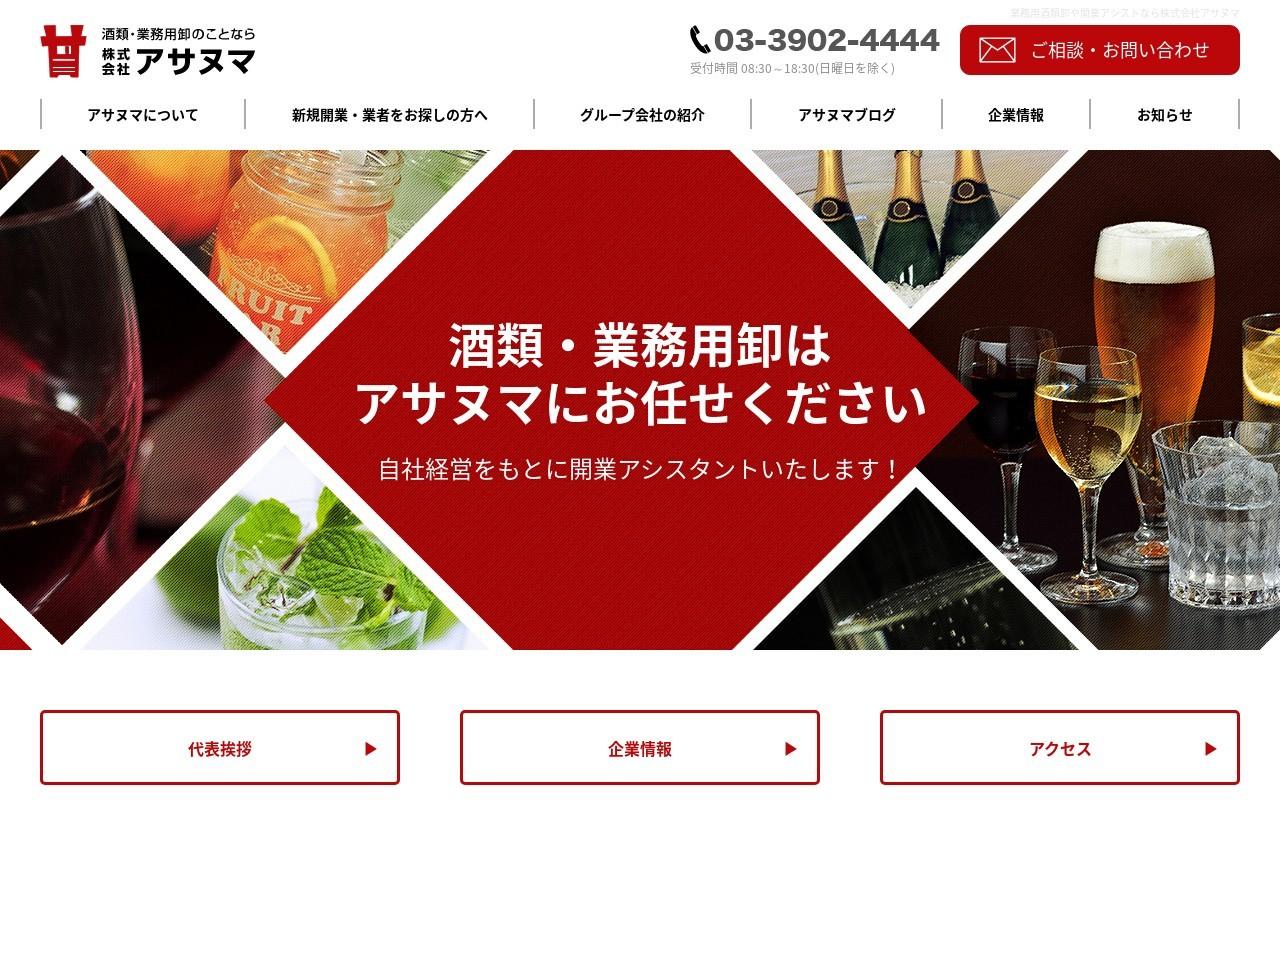 業務用酒類卸のことなら東京都のアサヌマにお任せください!